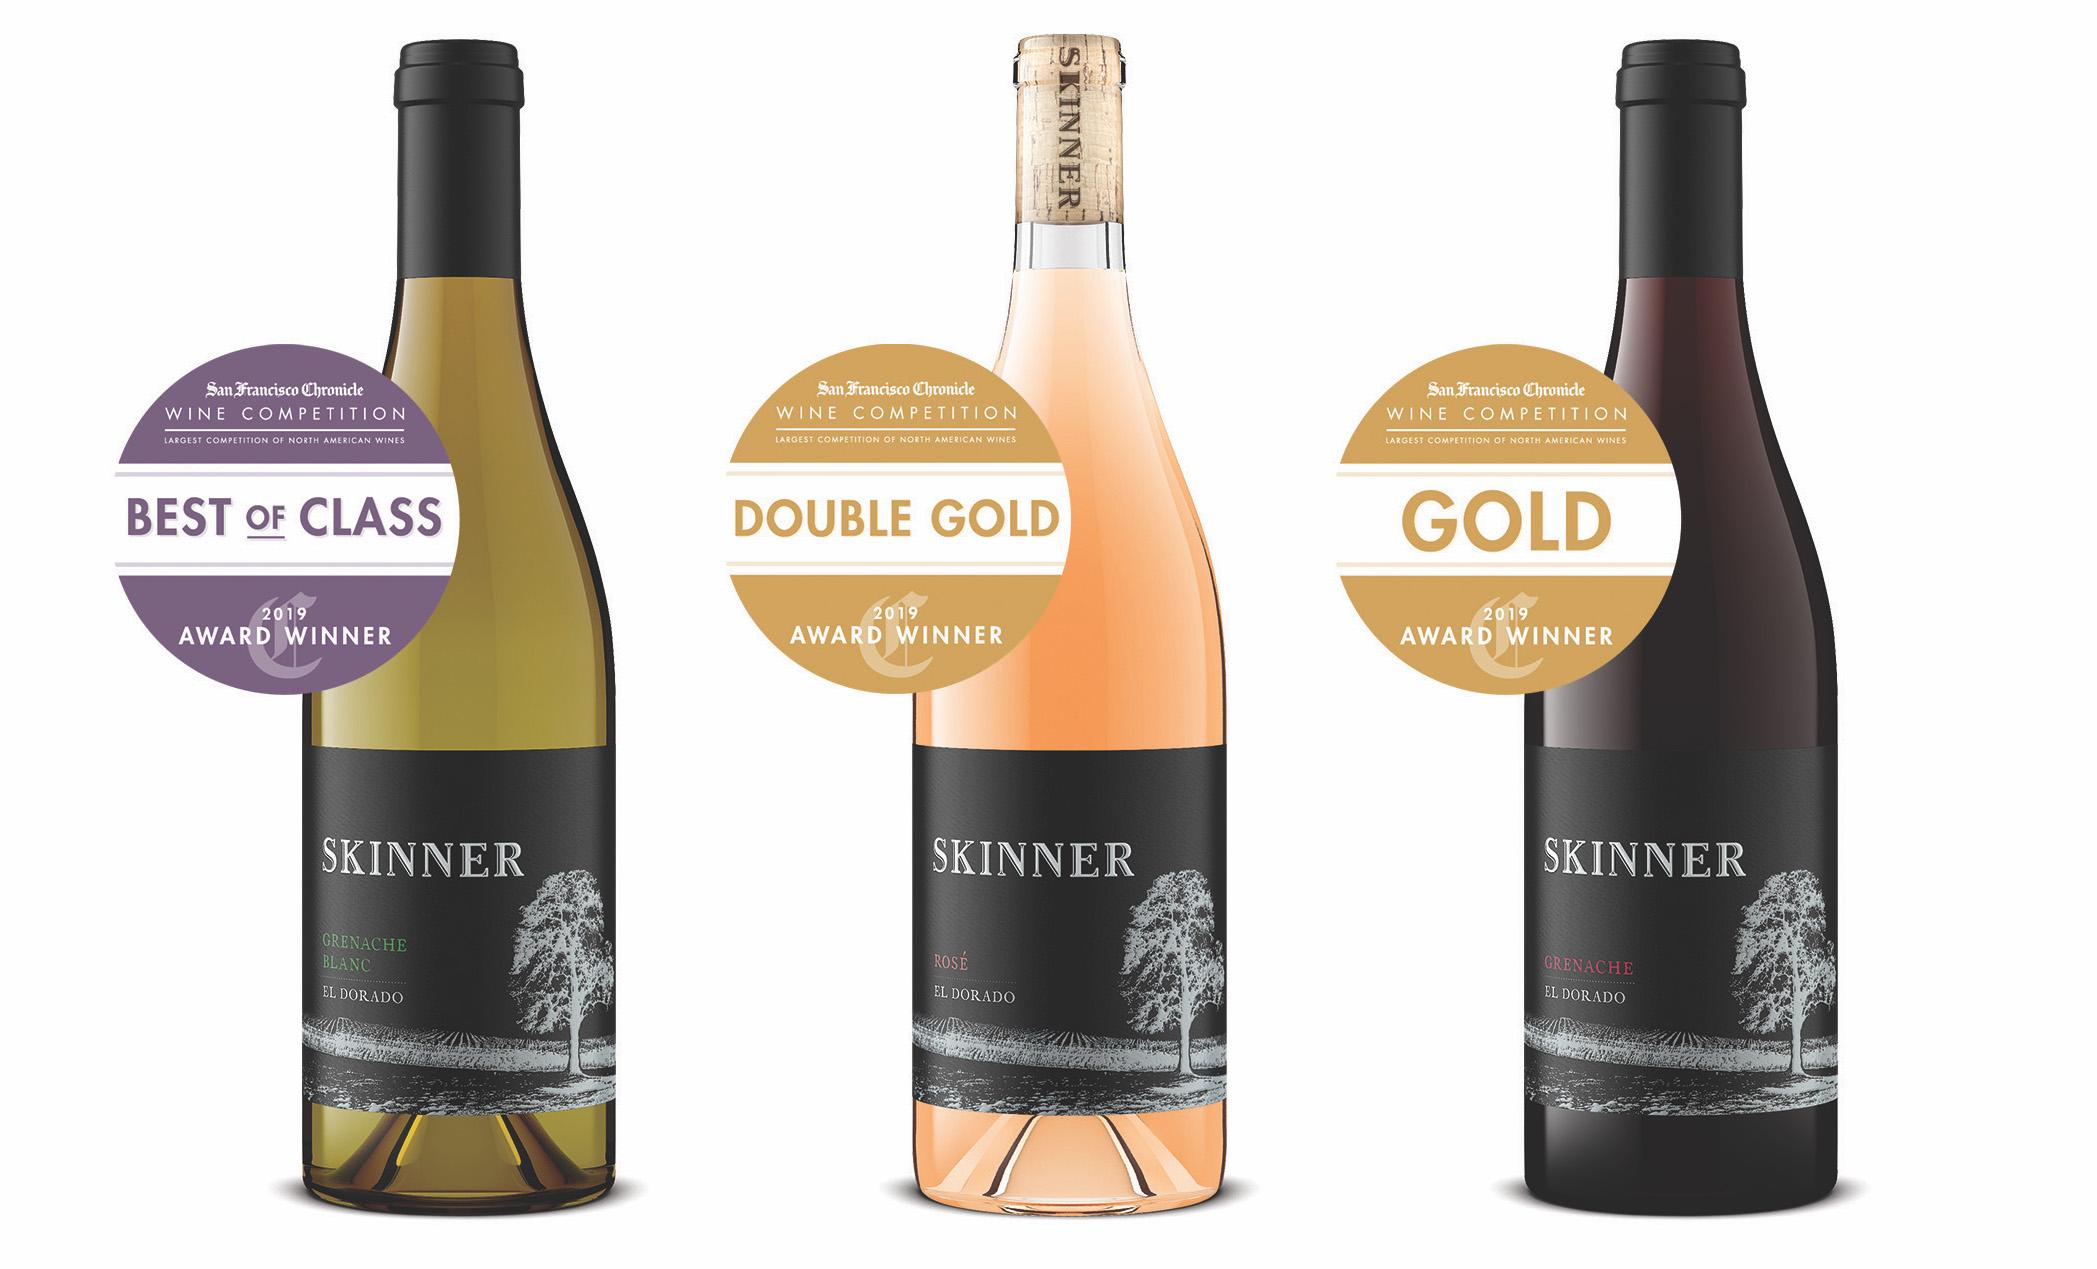 Three bottles of Skinner wine including Skinner Grenache Blanc, Skinner Rose El Dorado and Skinner Grenache El Dorado